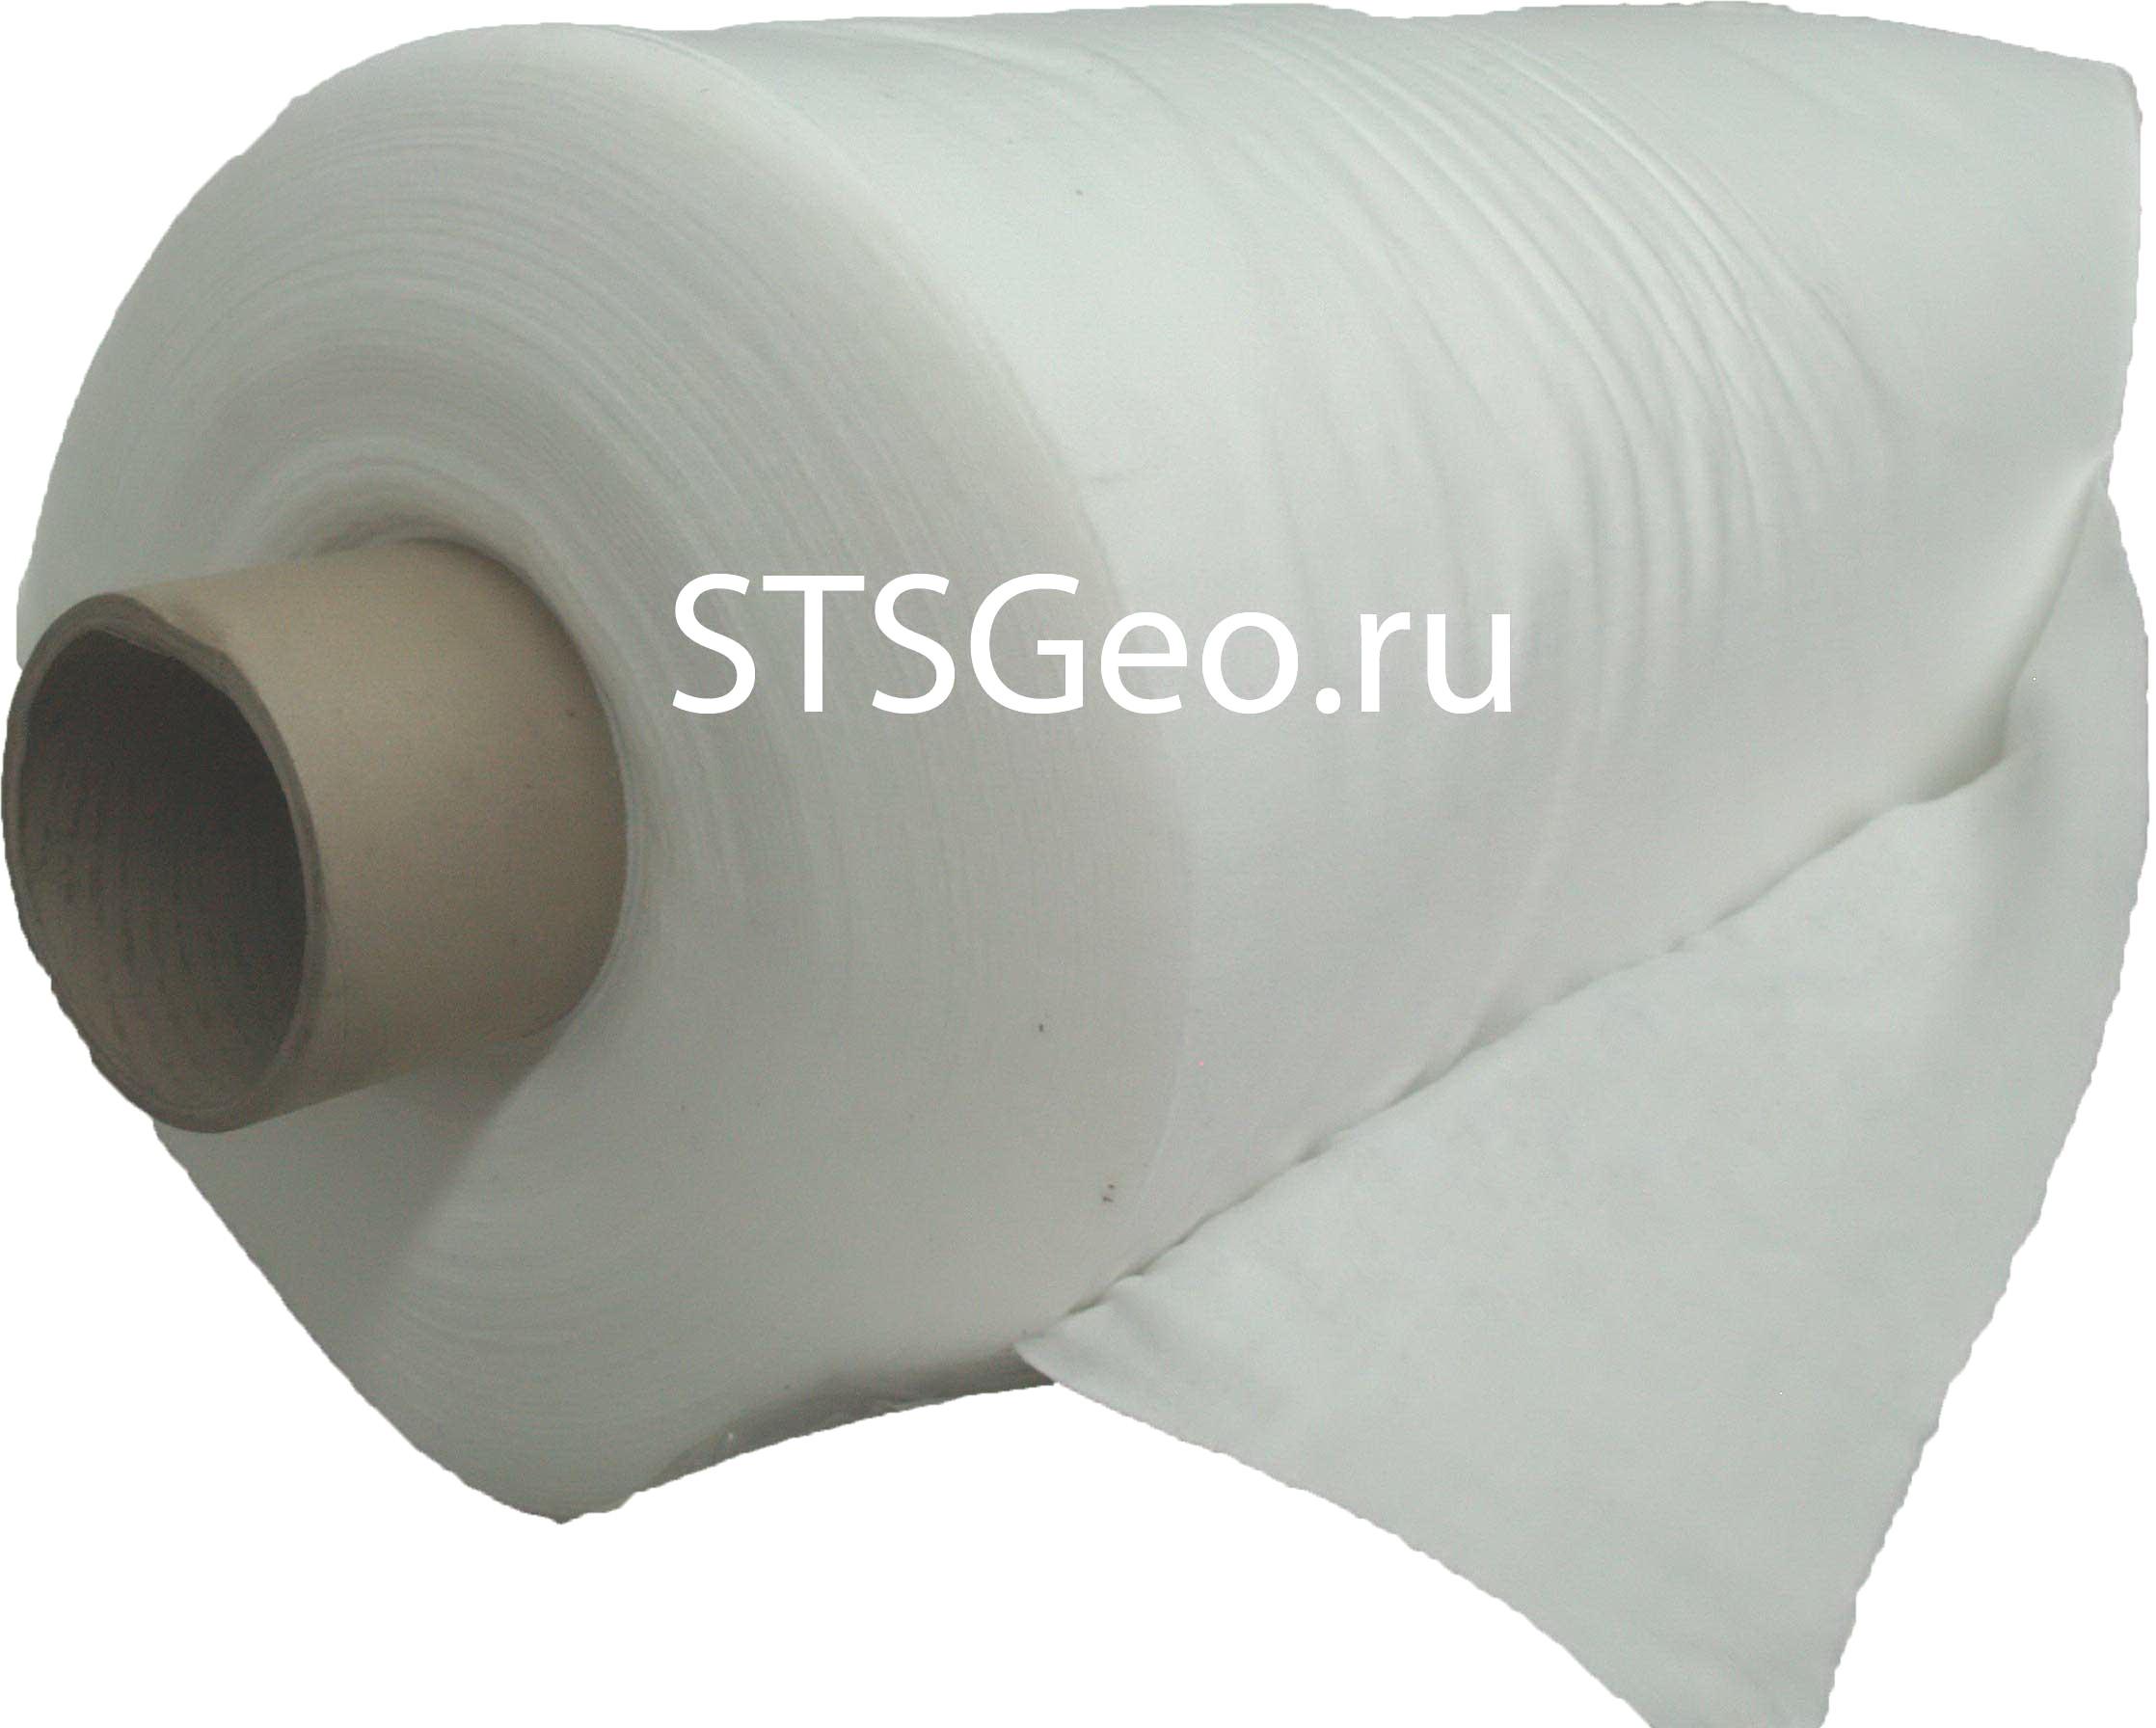 Геотекстиль Лавсан 600